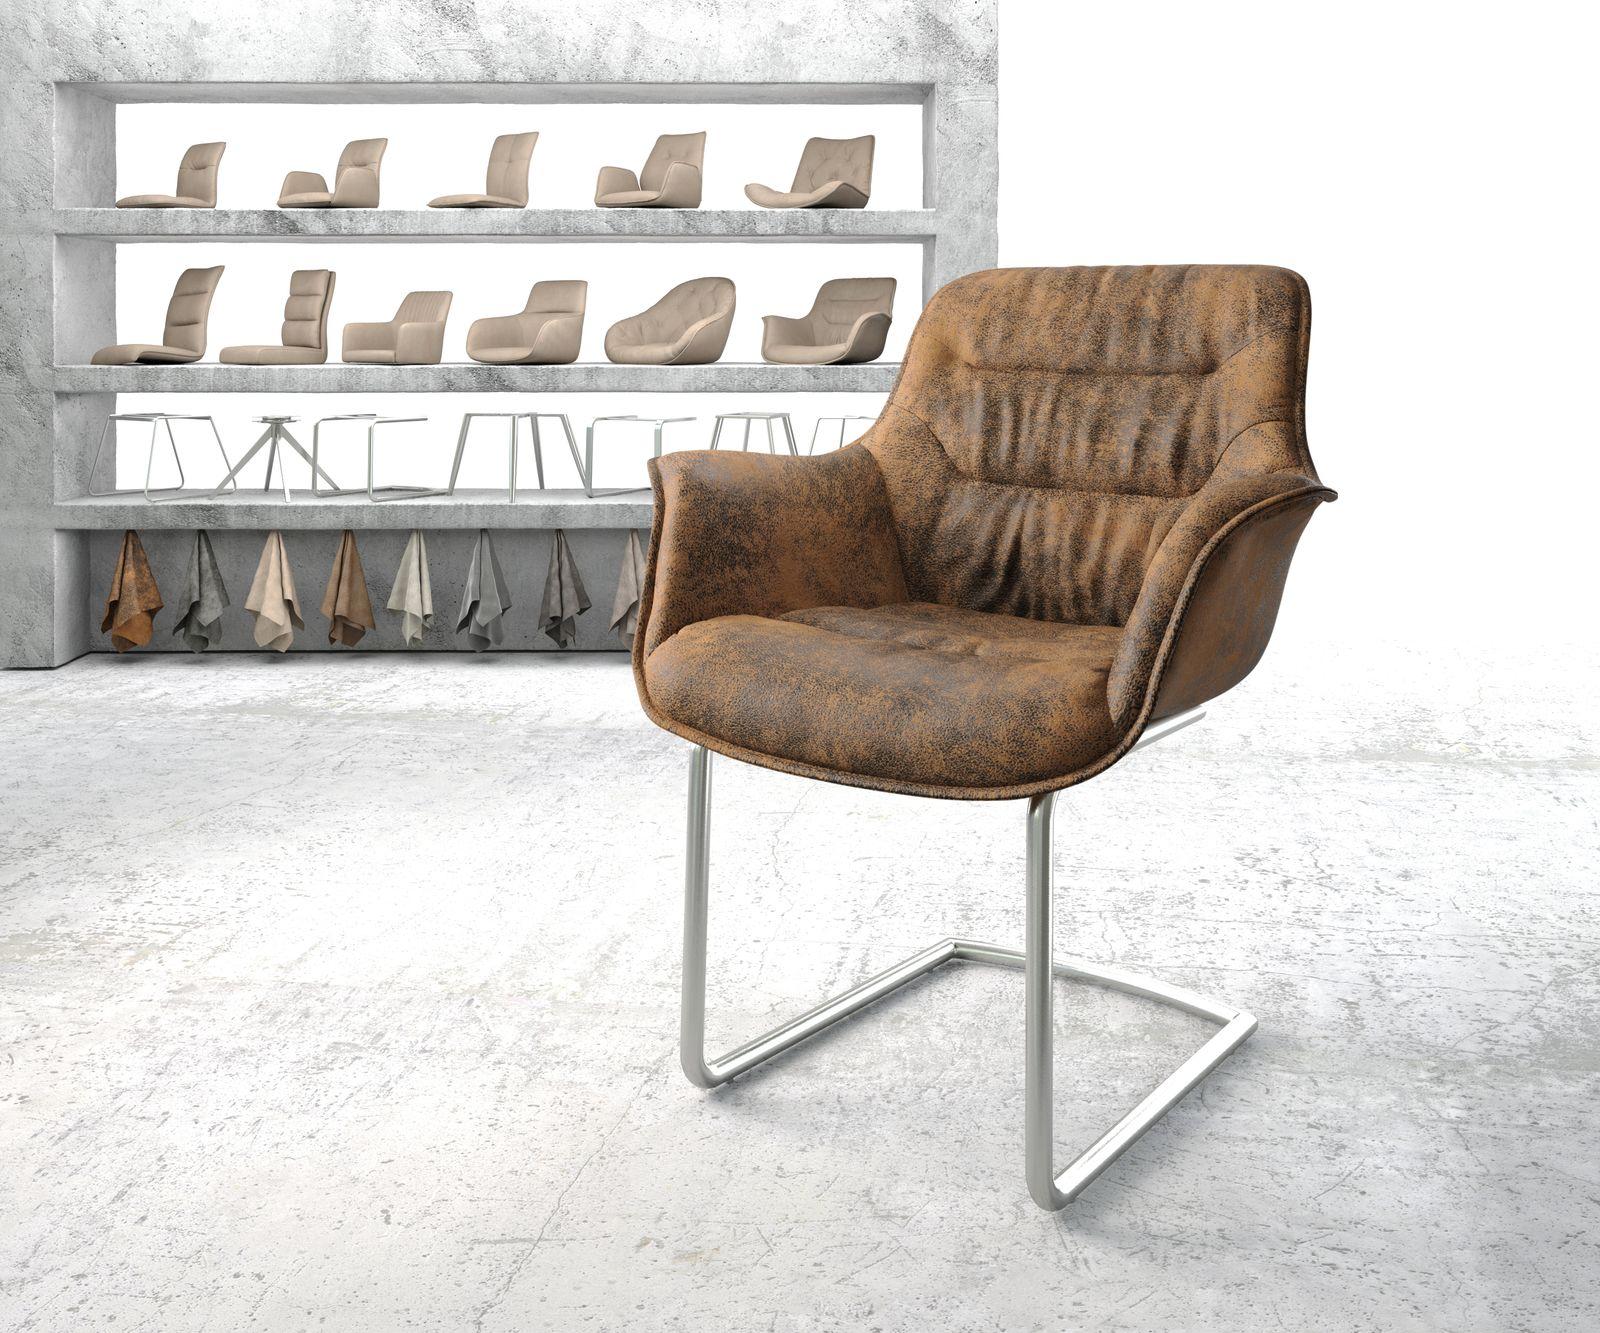 delife-armlehnstuhl-kaira-flex-braun-vintage-freischwinger-rund-edelstahl-esszimmerstuhle